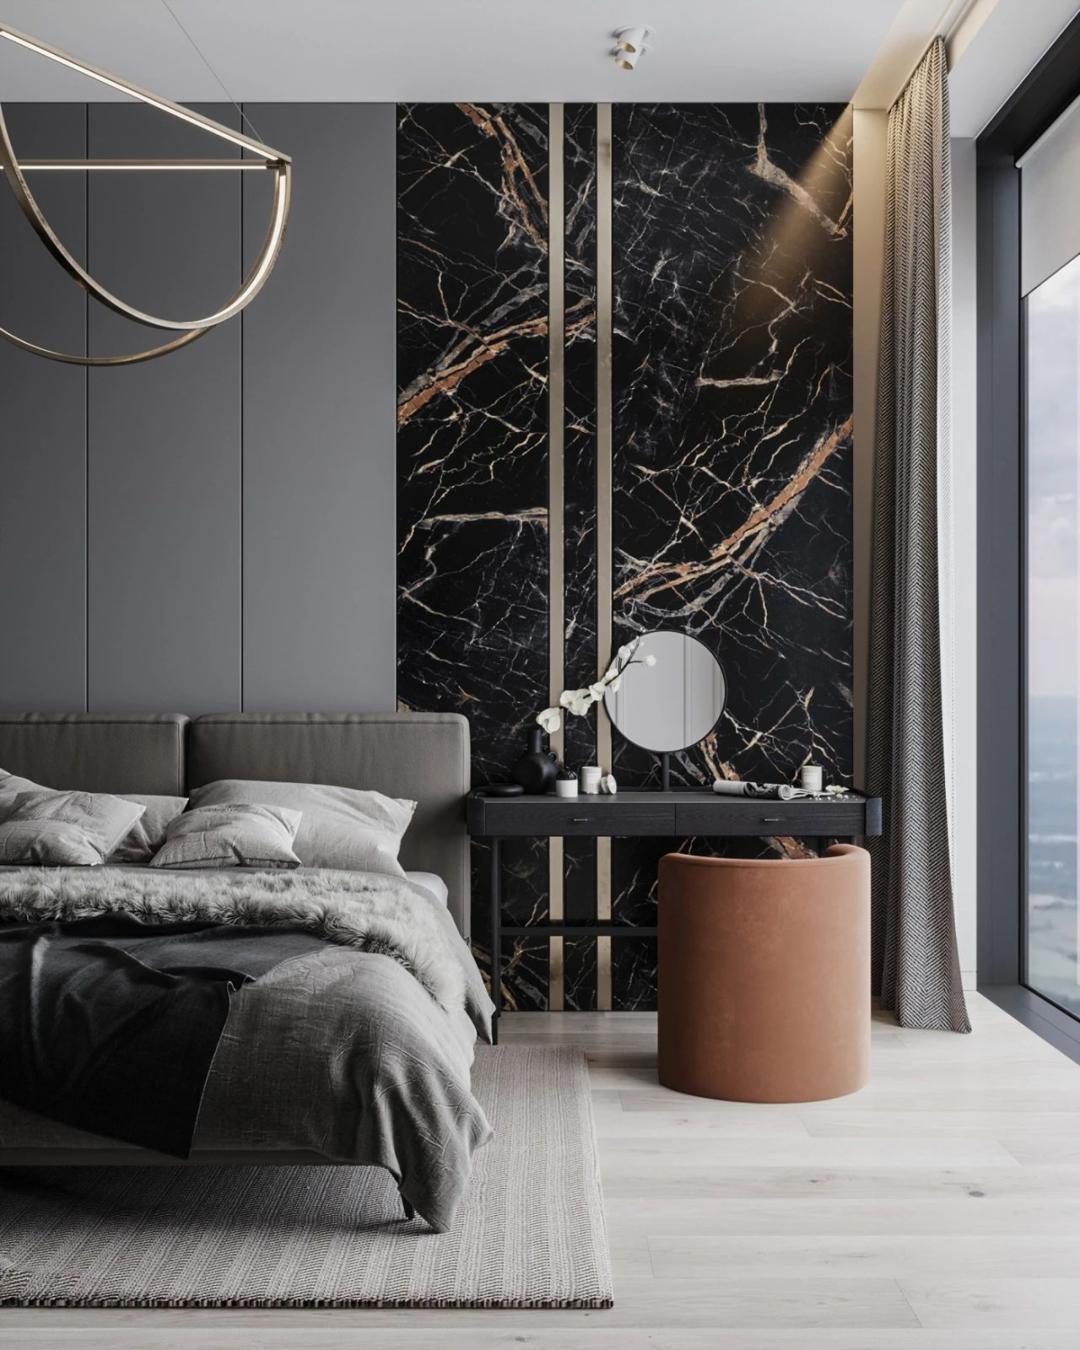 沐鸣2注册登录 这么漂亮的卧室装修设计,尽显优雅与时尚!